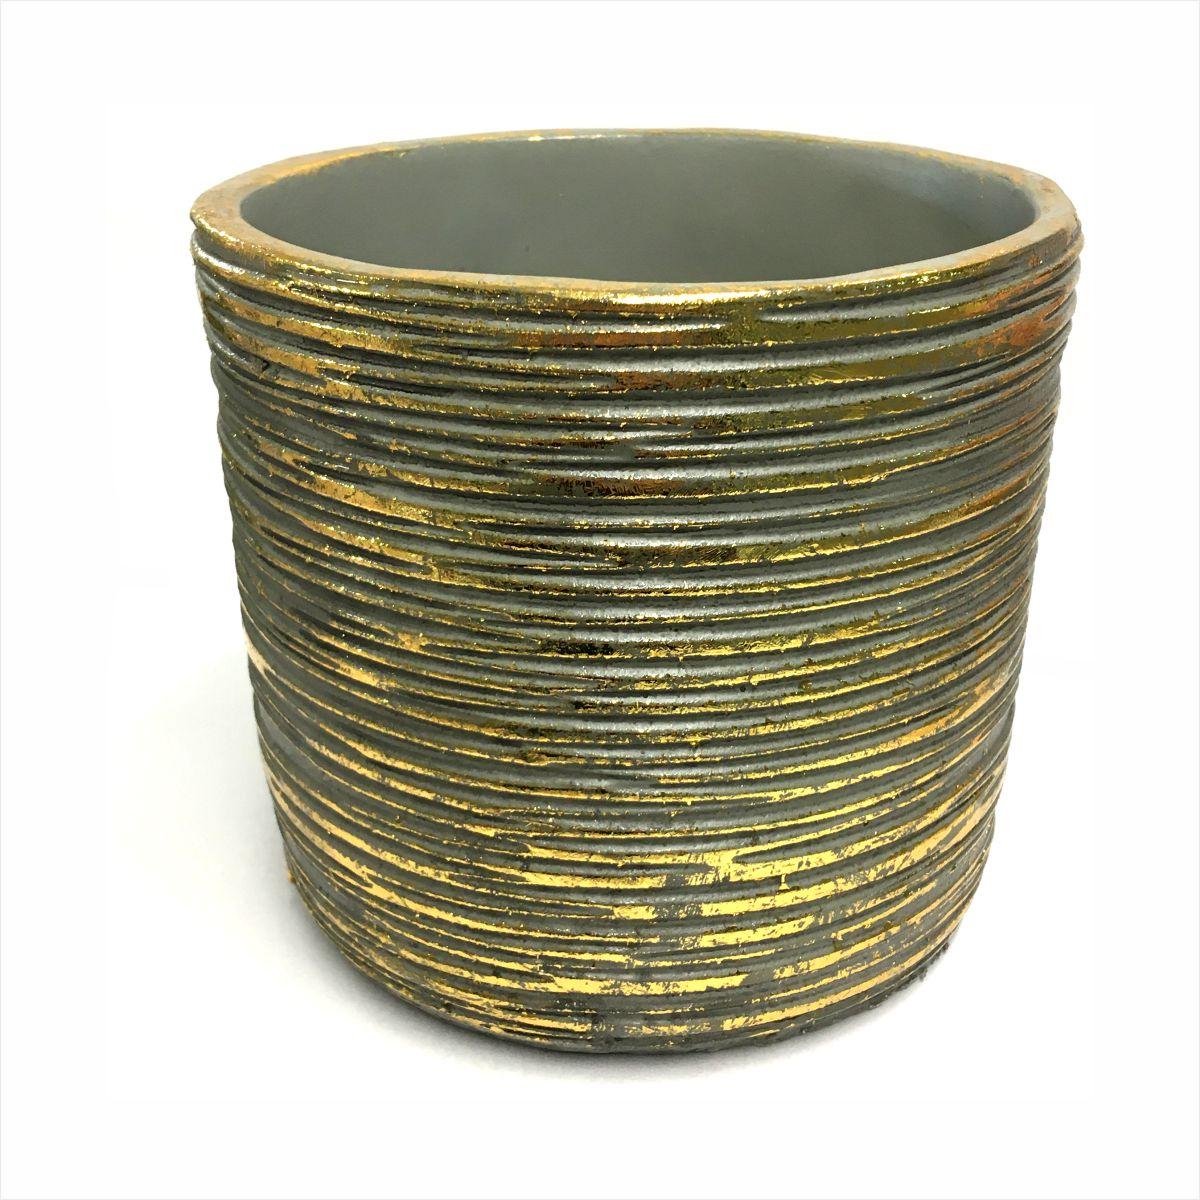 Osłonka ceramiczna złota Polnix 14 cm